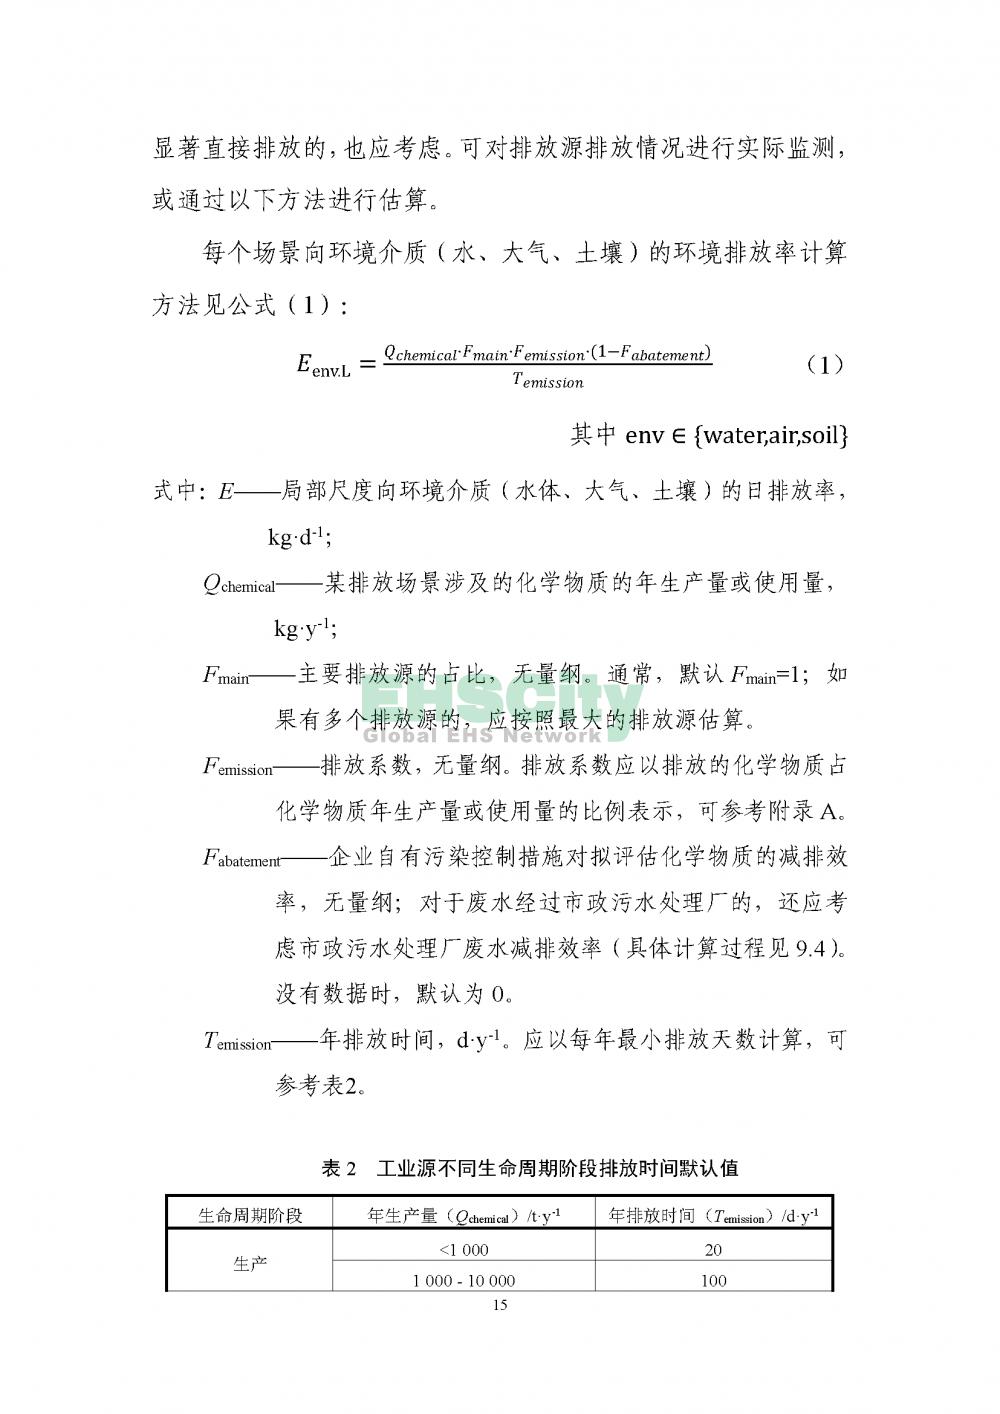 2化学物质环境与健康暴露评估技术导则_页面_17